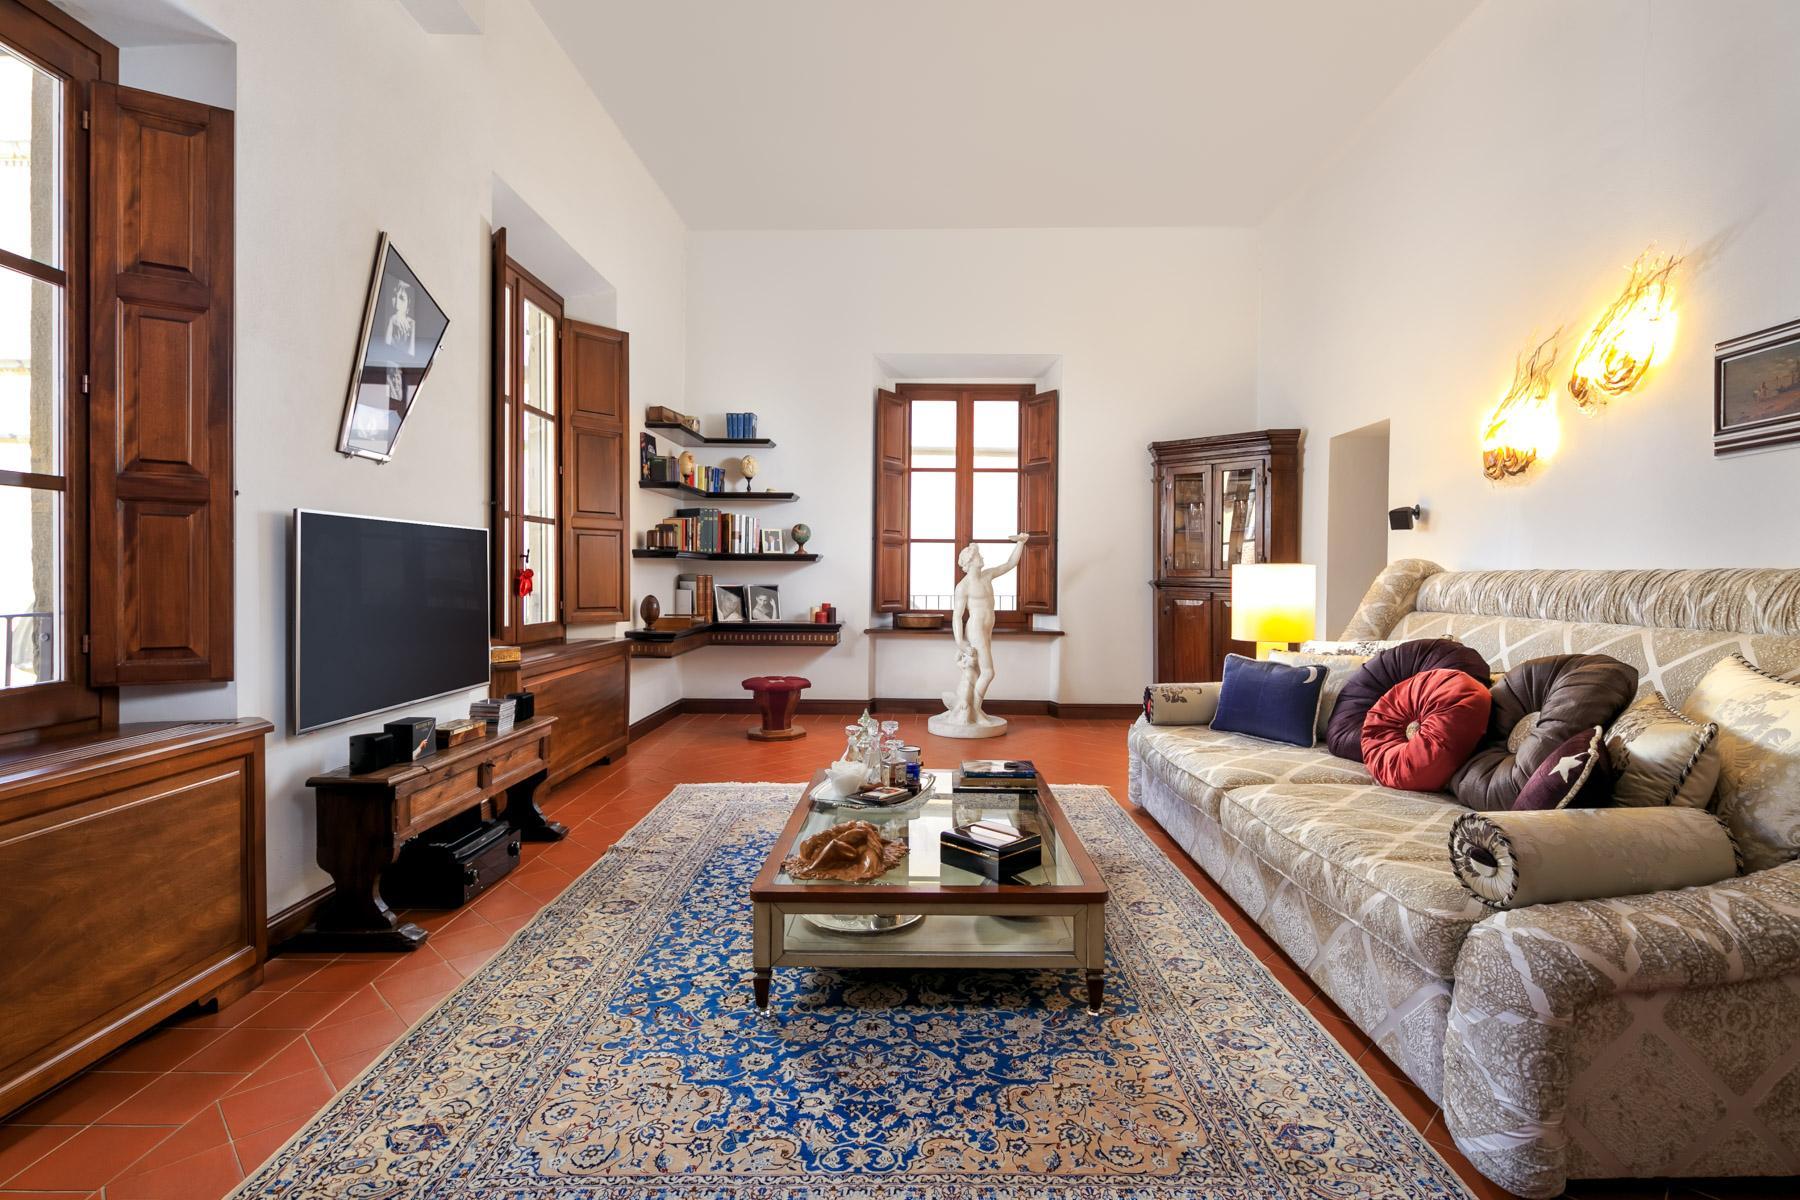 Charmante Wohnung im Herzen von Lucca - 2